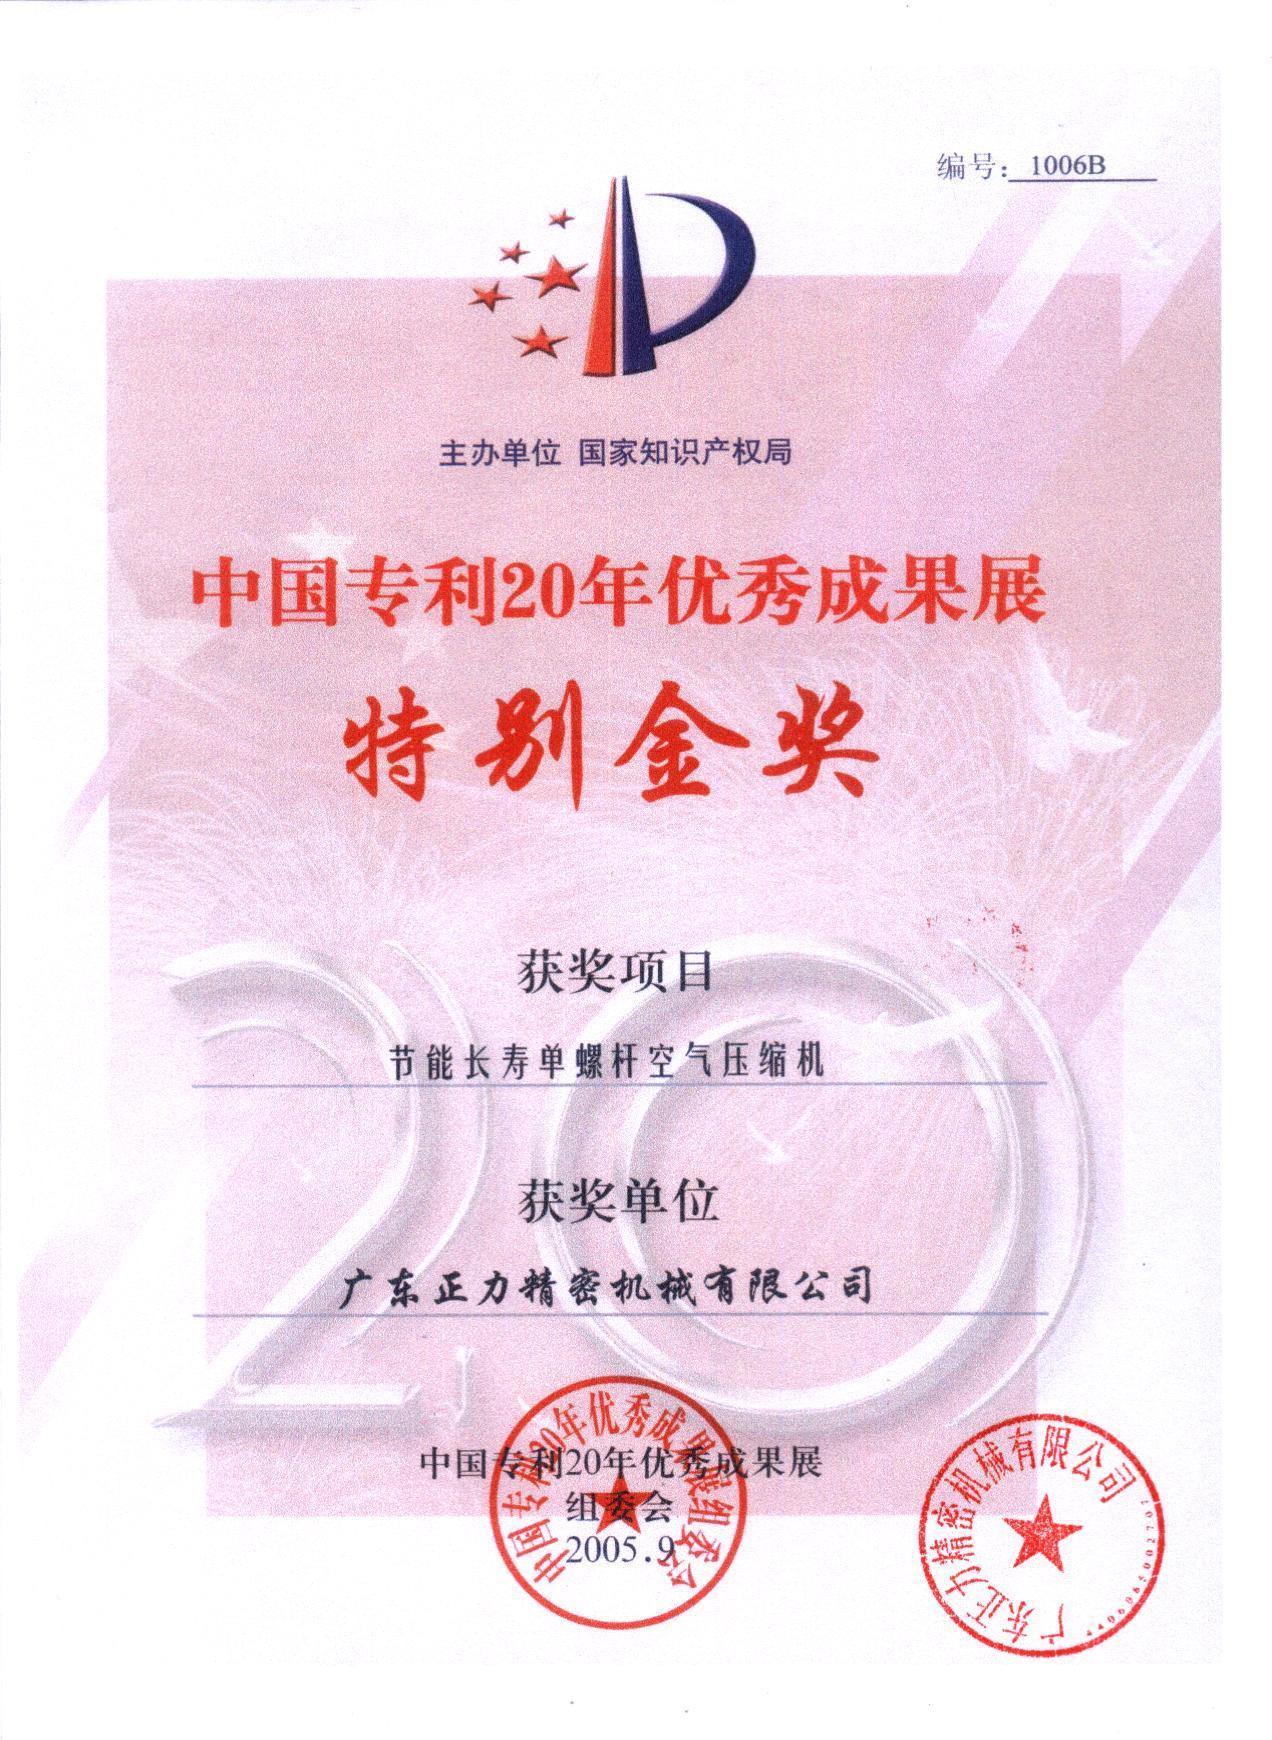 中国专利20年优秀成果特别金